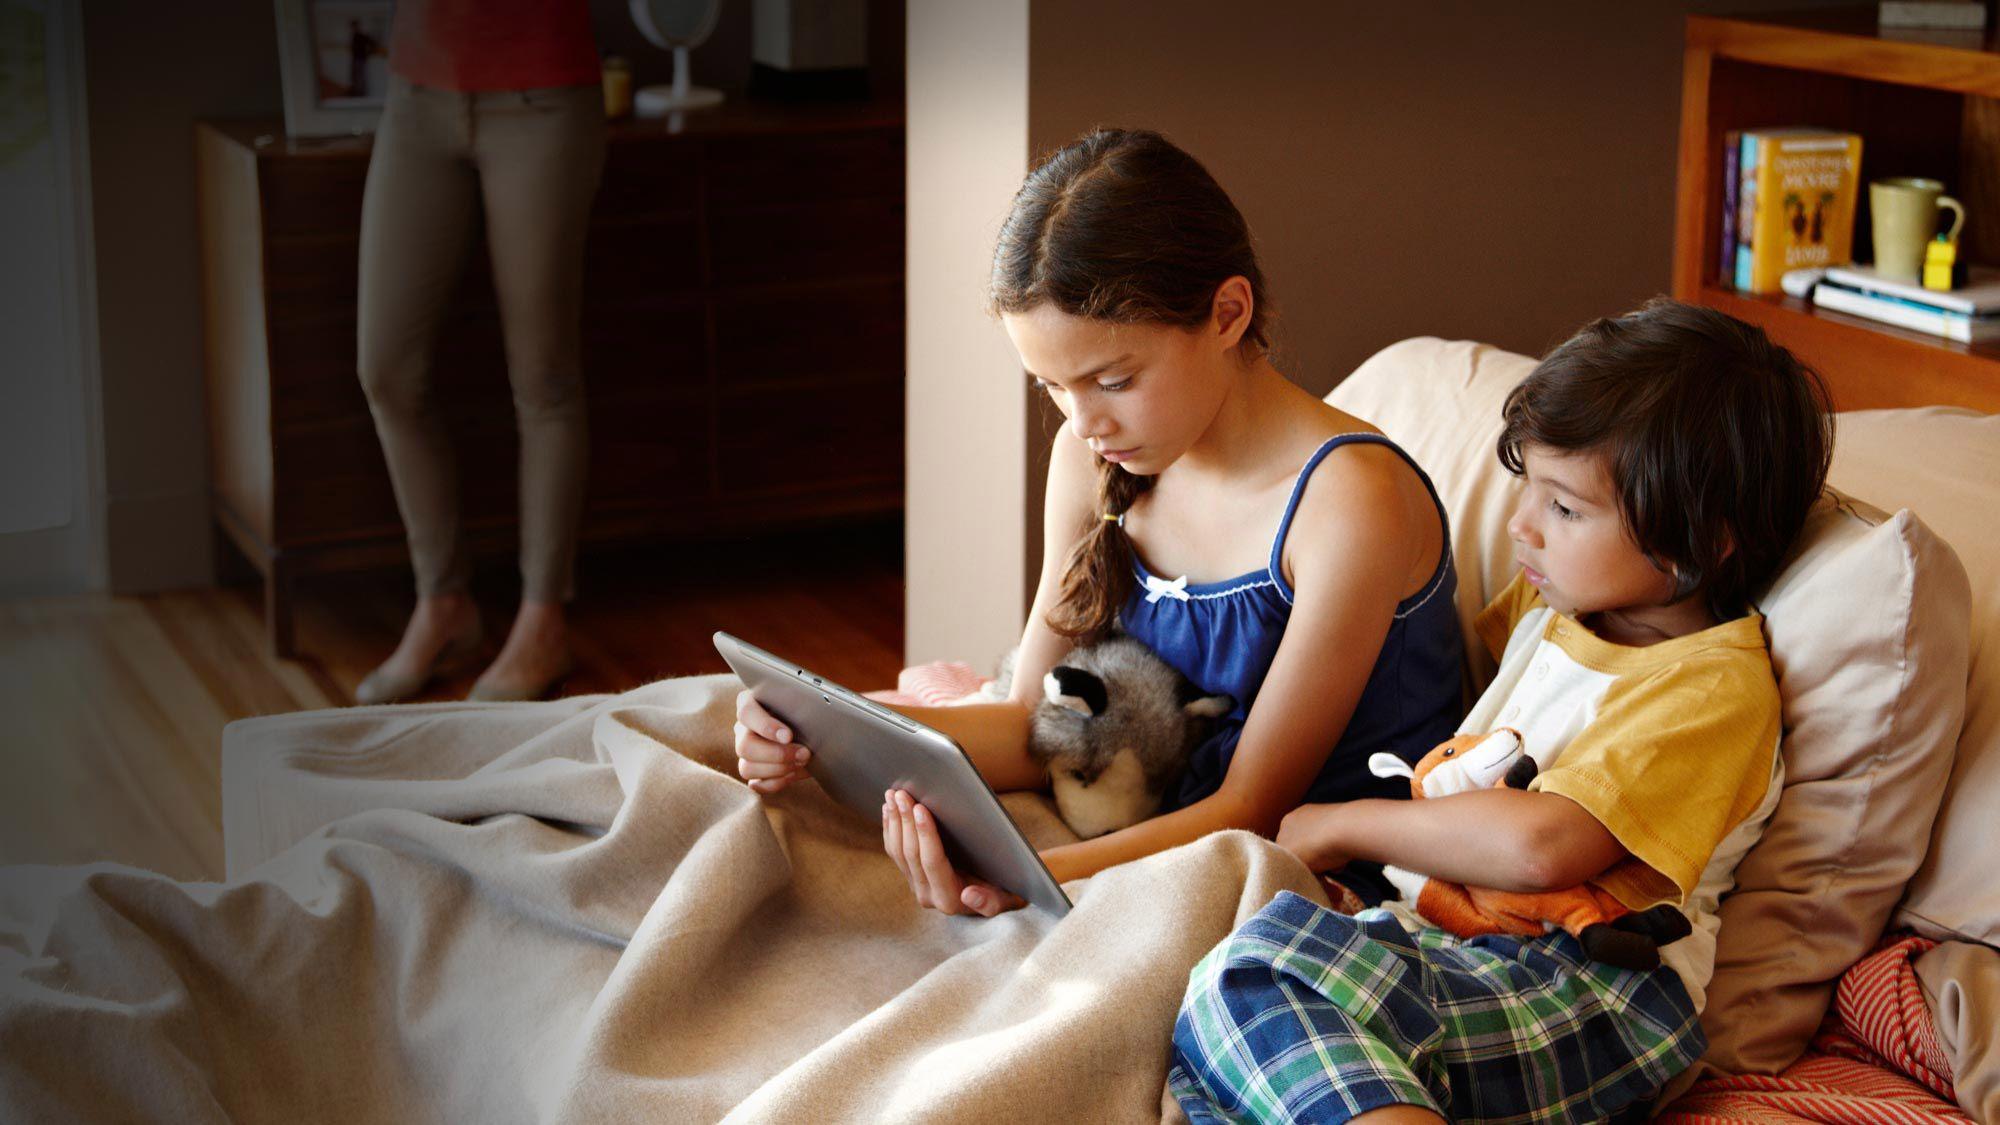 Netflix Watch TV Shows Online, Watch Movies Online